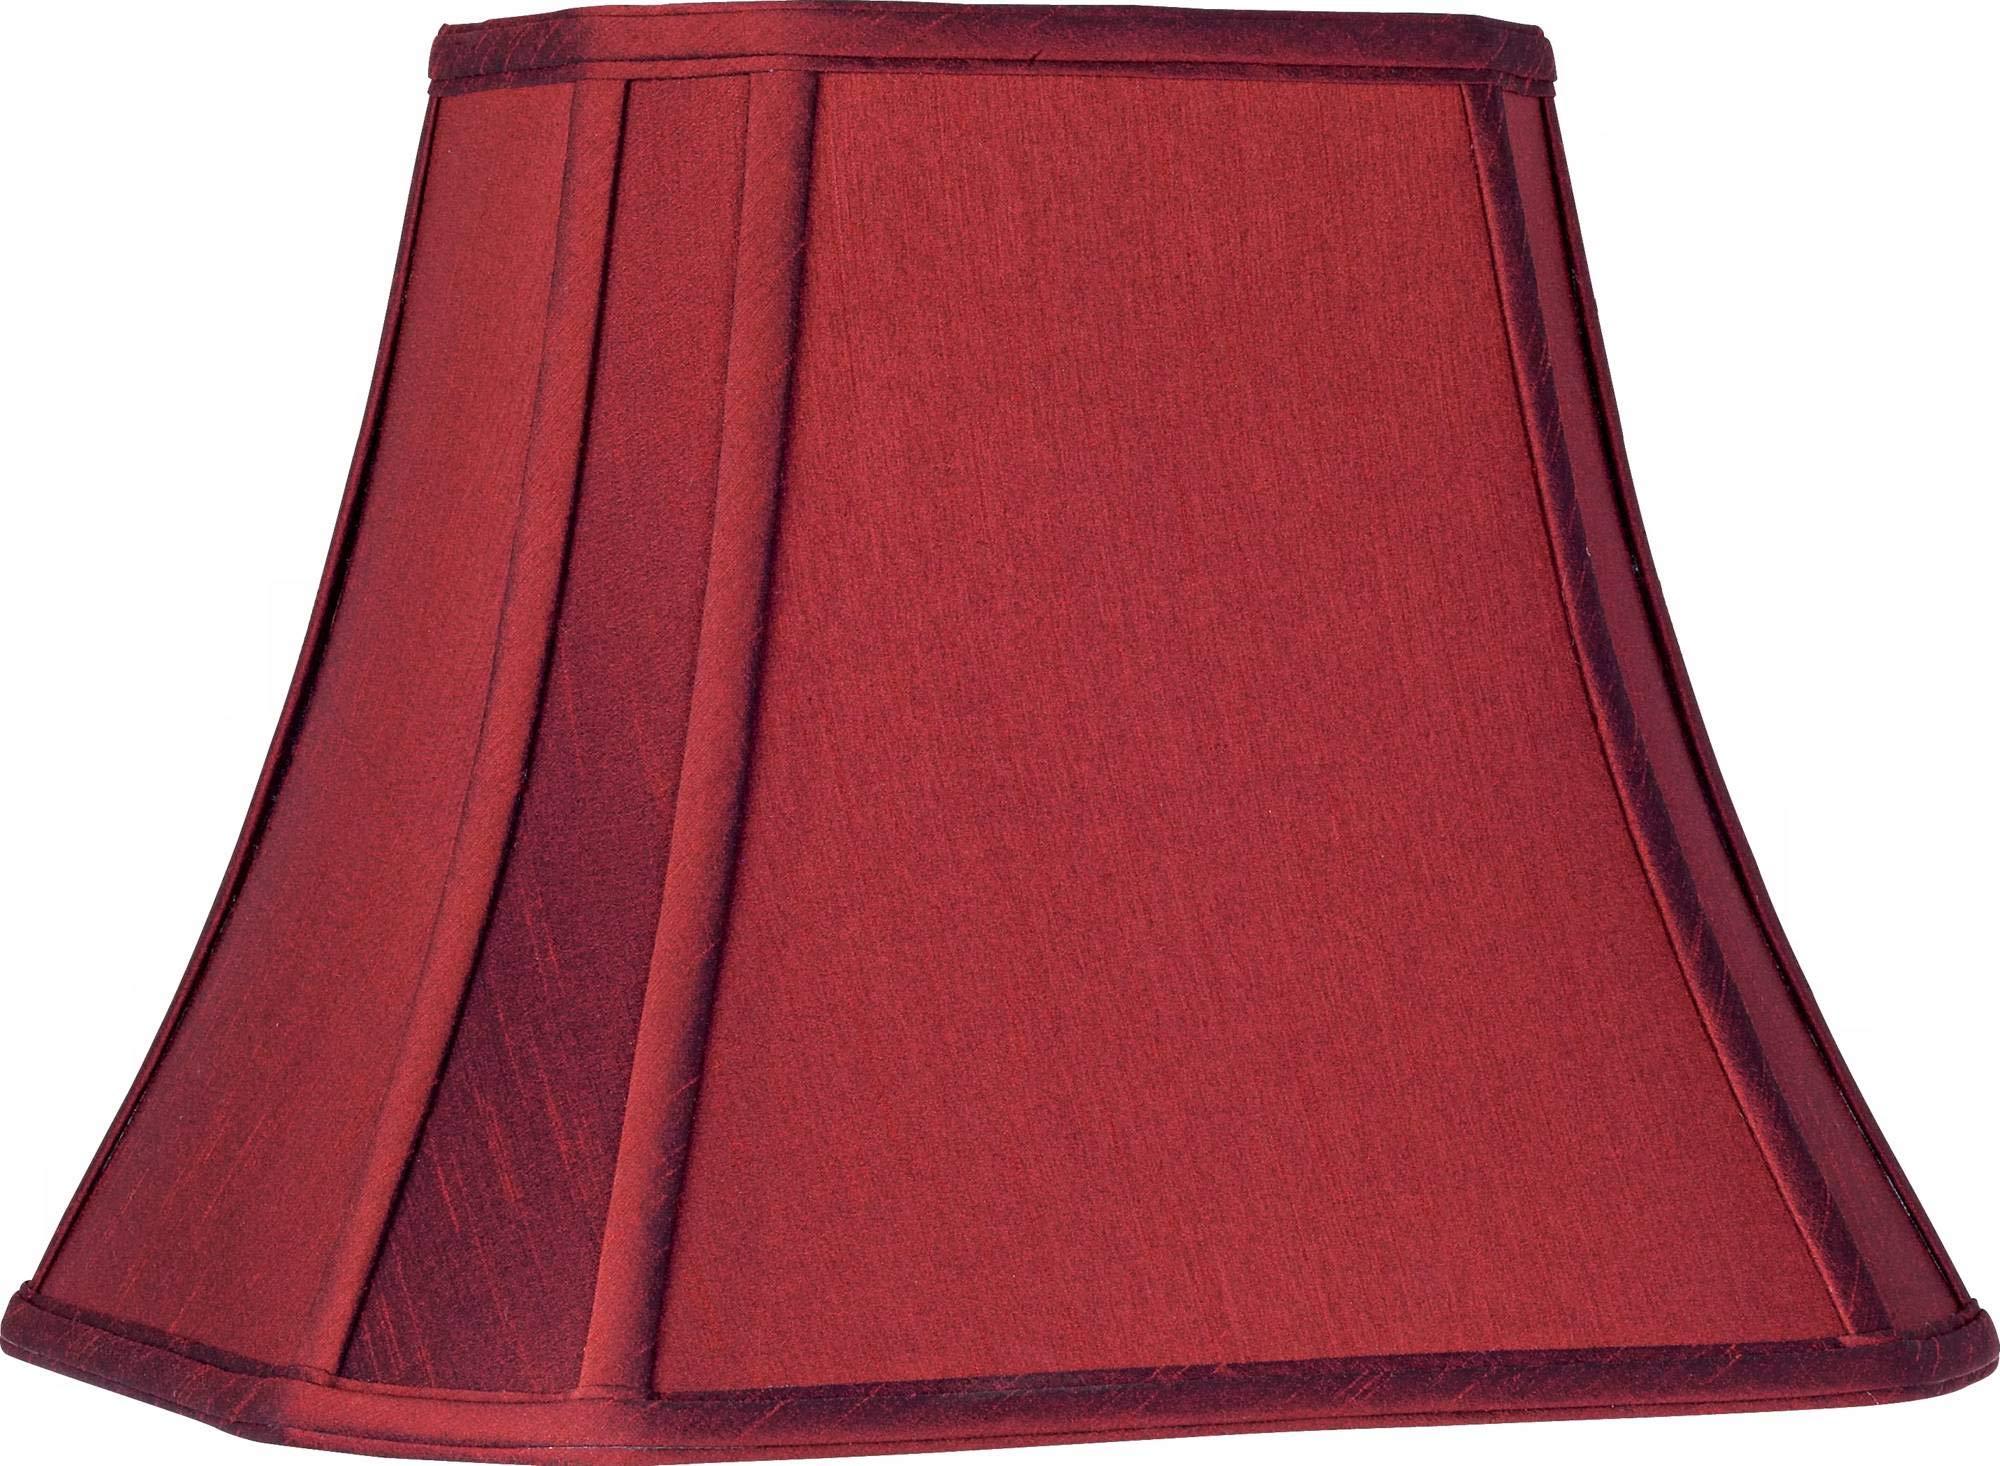 Crimson Red Cut-Corner Lamp Shade 6/8x11/14x11 (Spider) - Springcrest